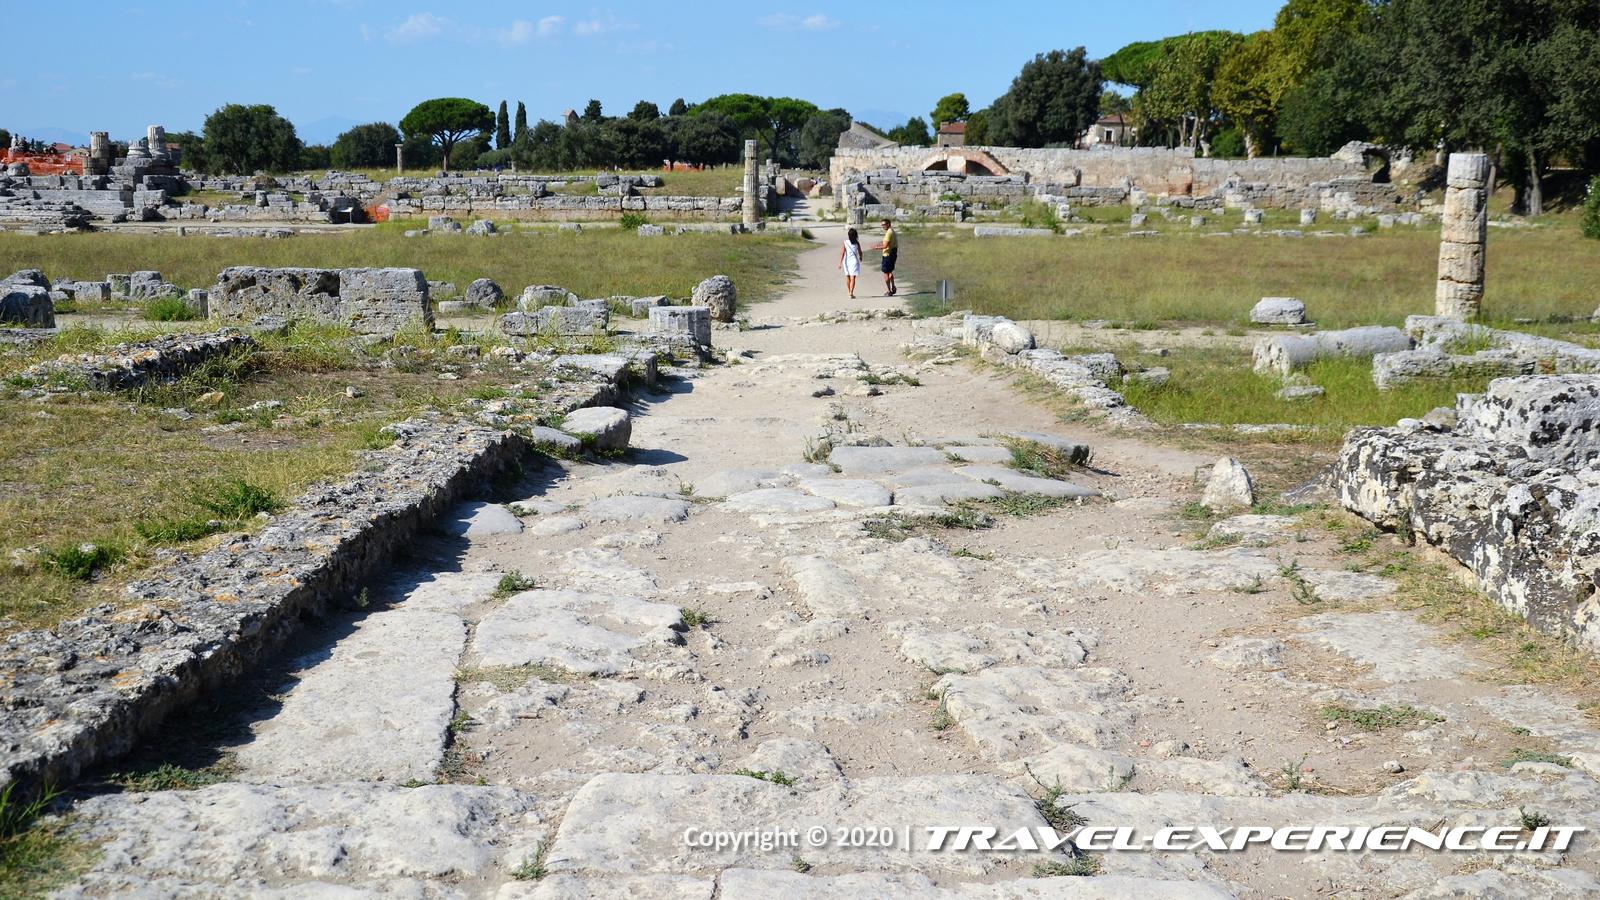 Strada romana nel sito archeologico di Paestum